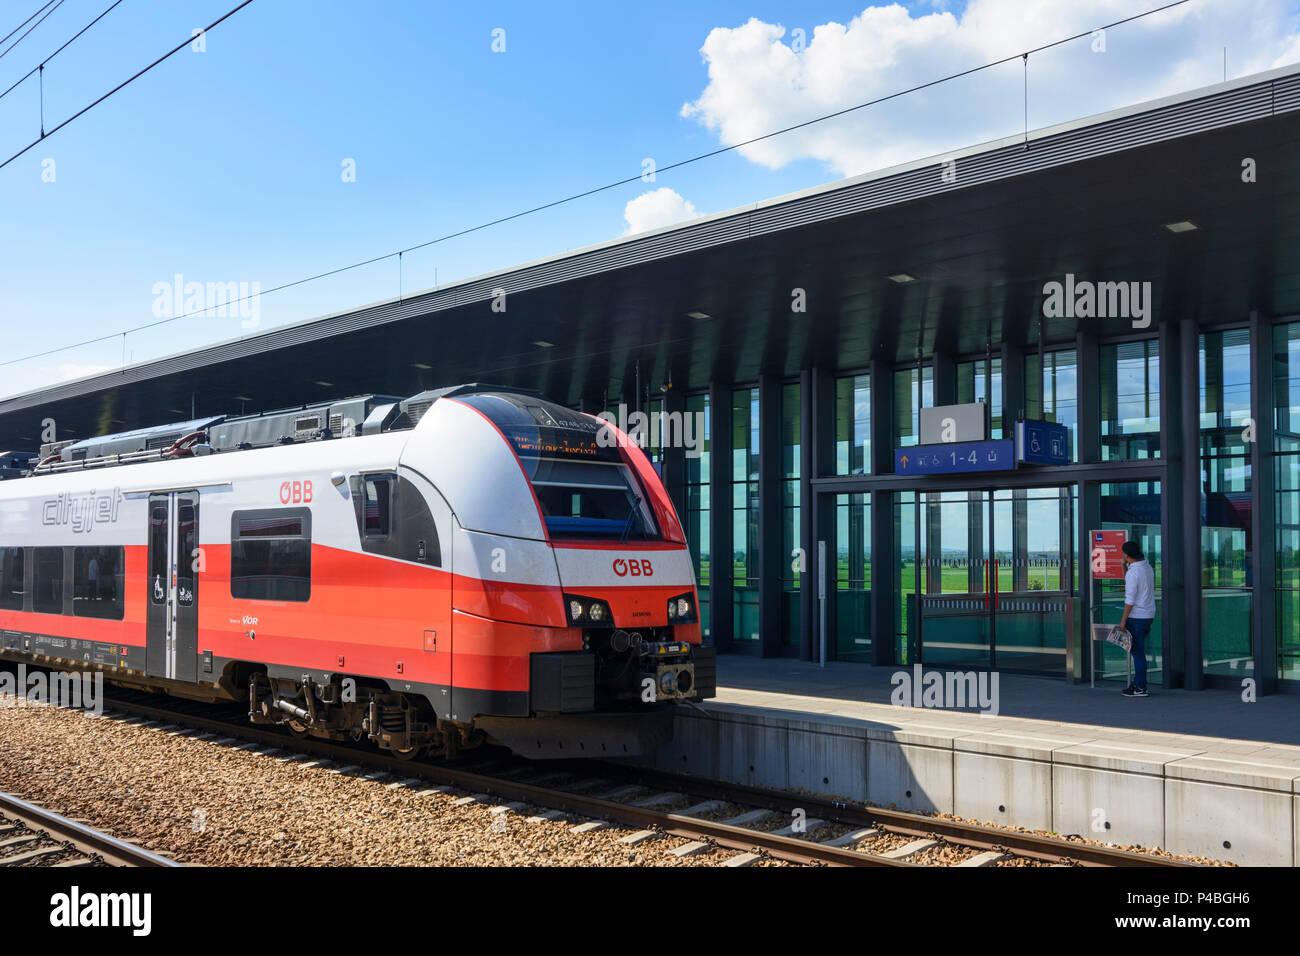 Langenrohr, train Cityjet of ÖBB at railway station Tullnerfeld, Wienerwald (Vienna Woods), Niederösterreich, Lower Austria, Austria - Stock Image